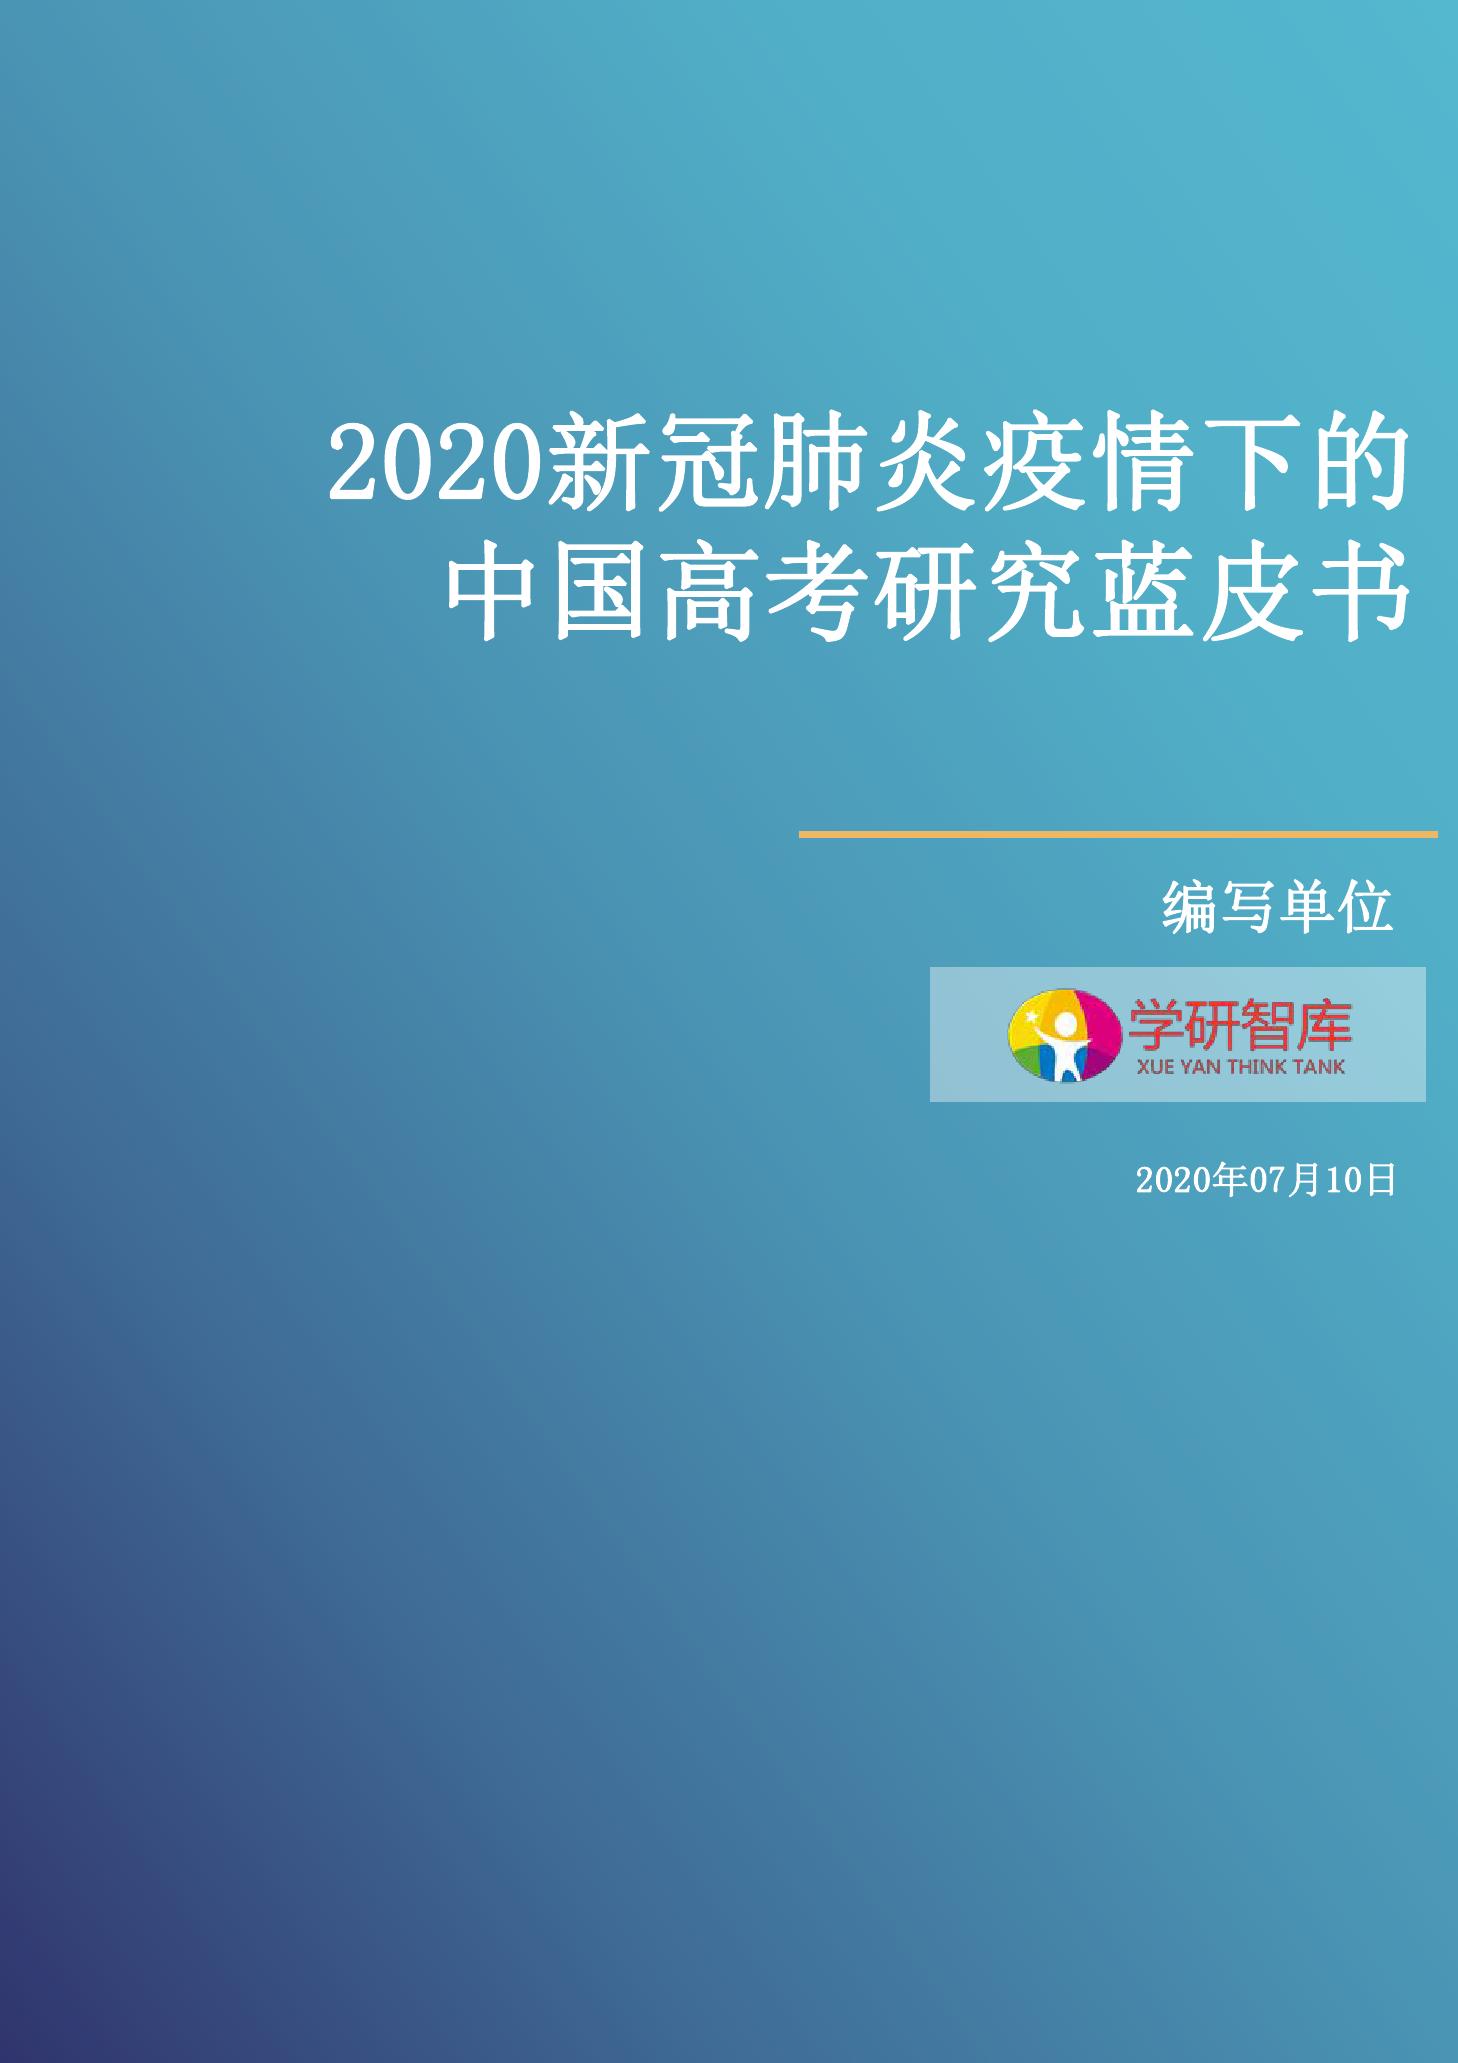 学海教育智库:2020新冠肺炎疫情下的中国高考研究蓝皮书(附下载)